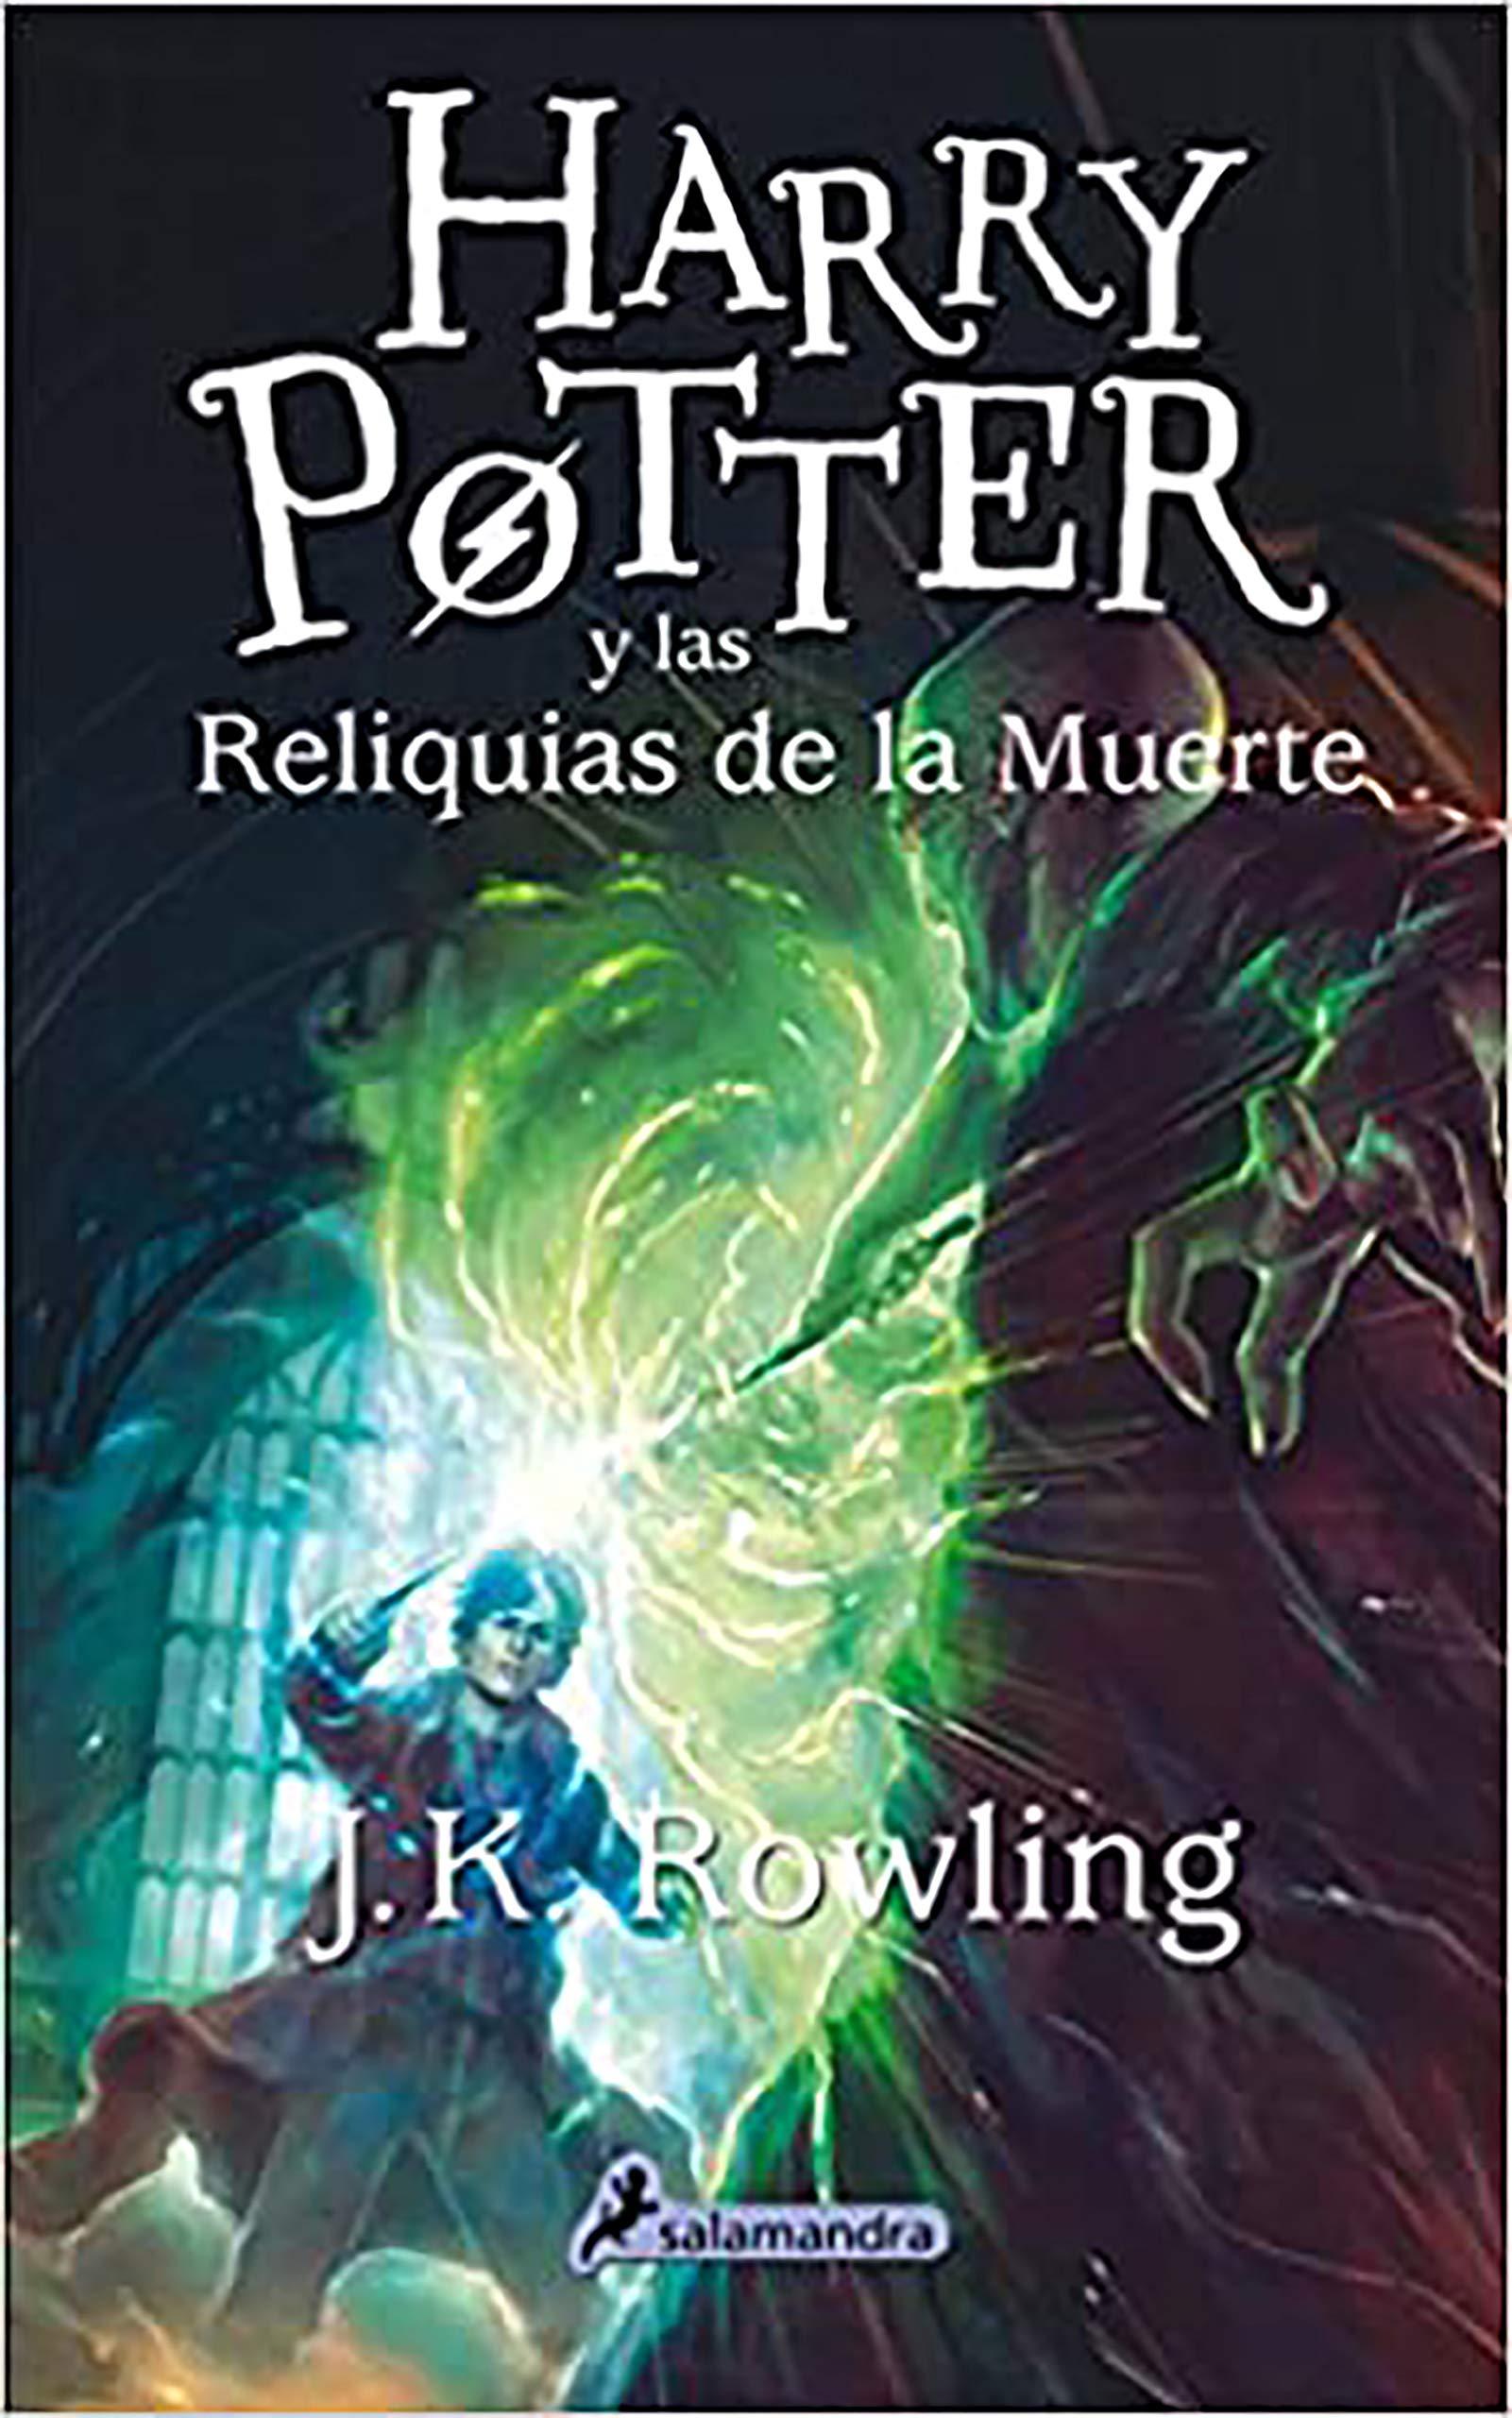 Harry Potter y las Reliquias de la Muerte / Harry Potter and the Deathly  Hallows (Spanish Edition): Rowling, J.K.: 9788498387001: Amazon.com: Books